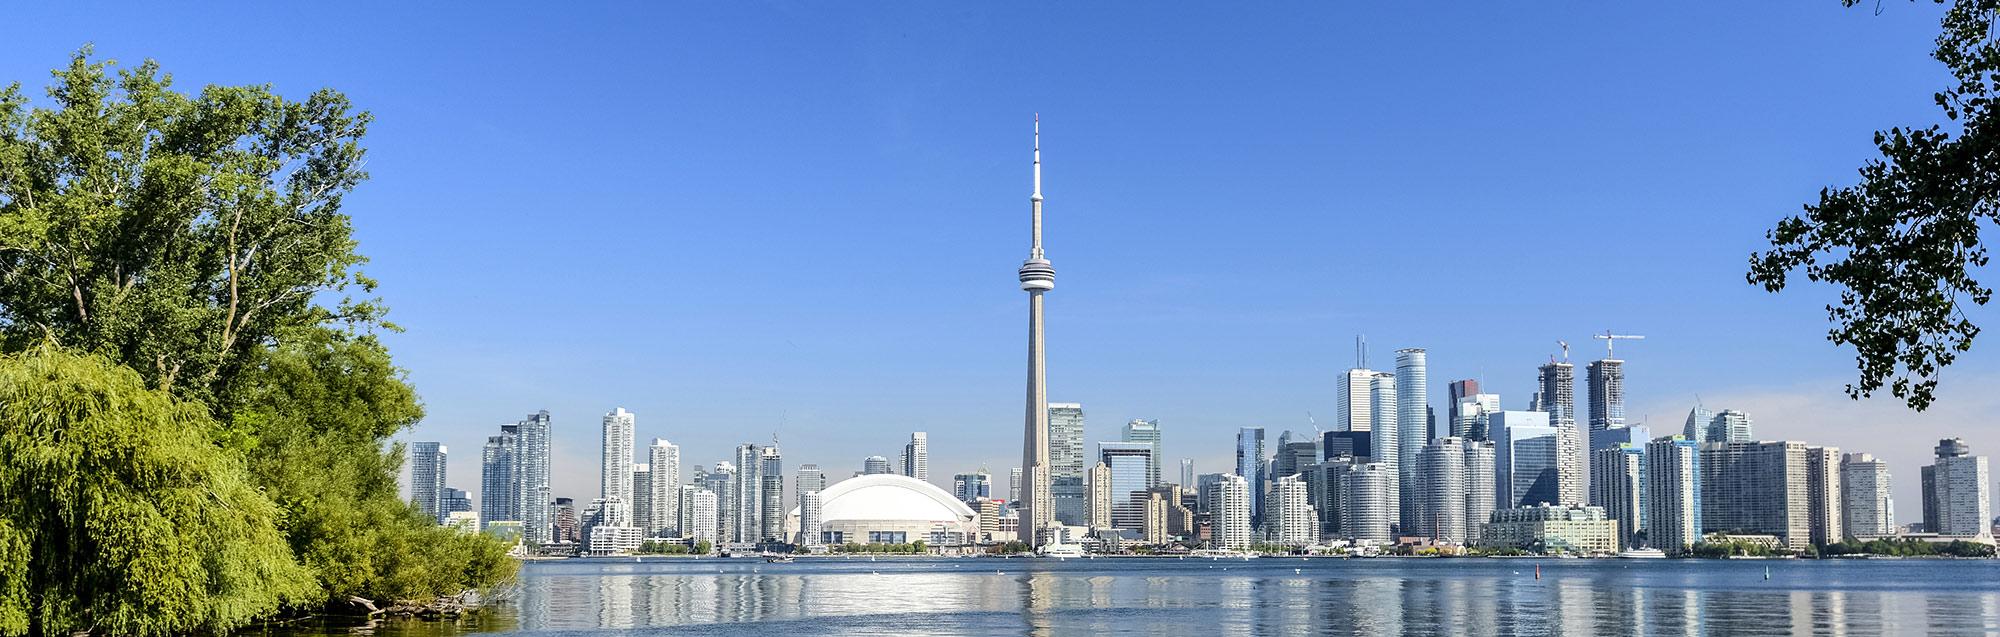 Dein Sprachkurs in einer Sprachschule Toronto